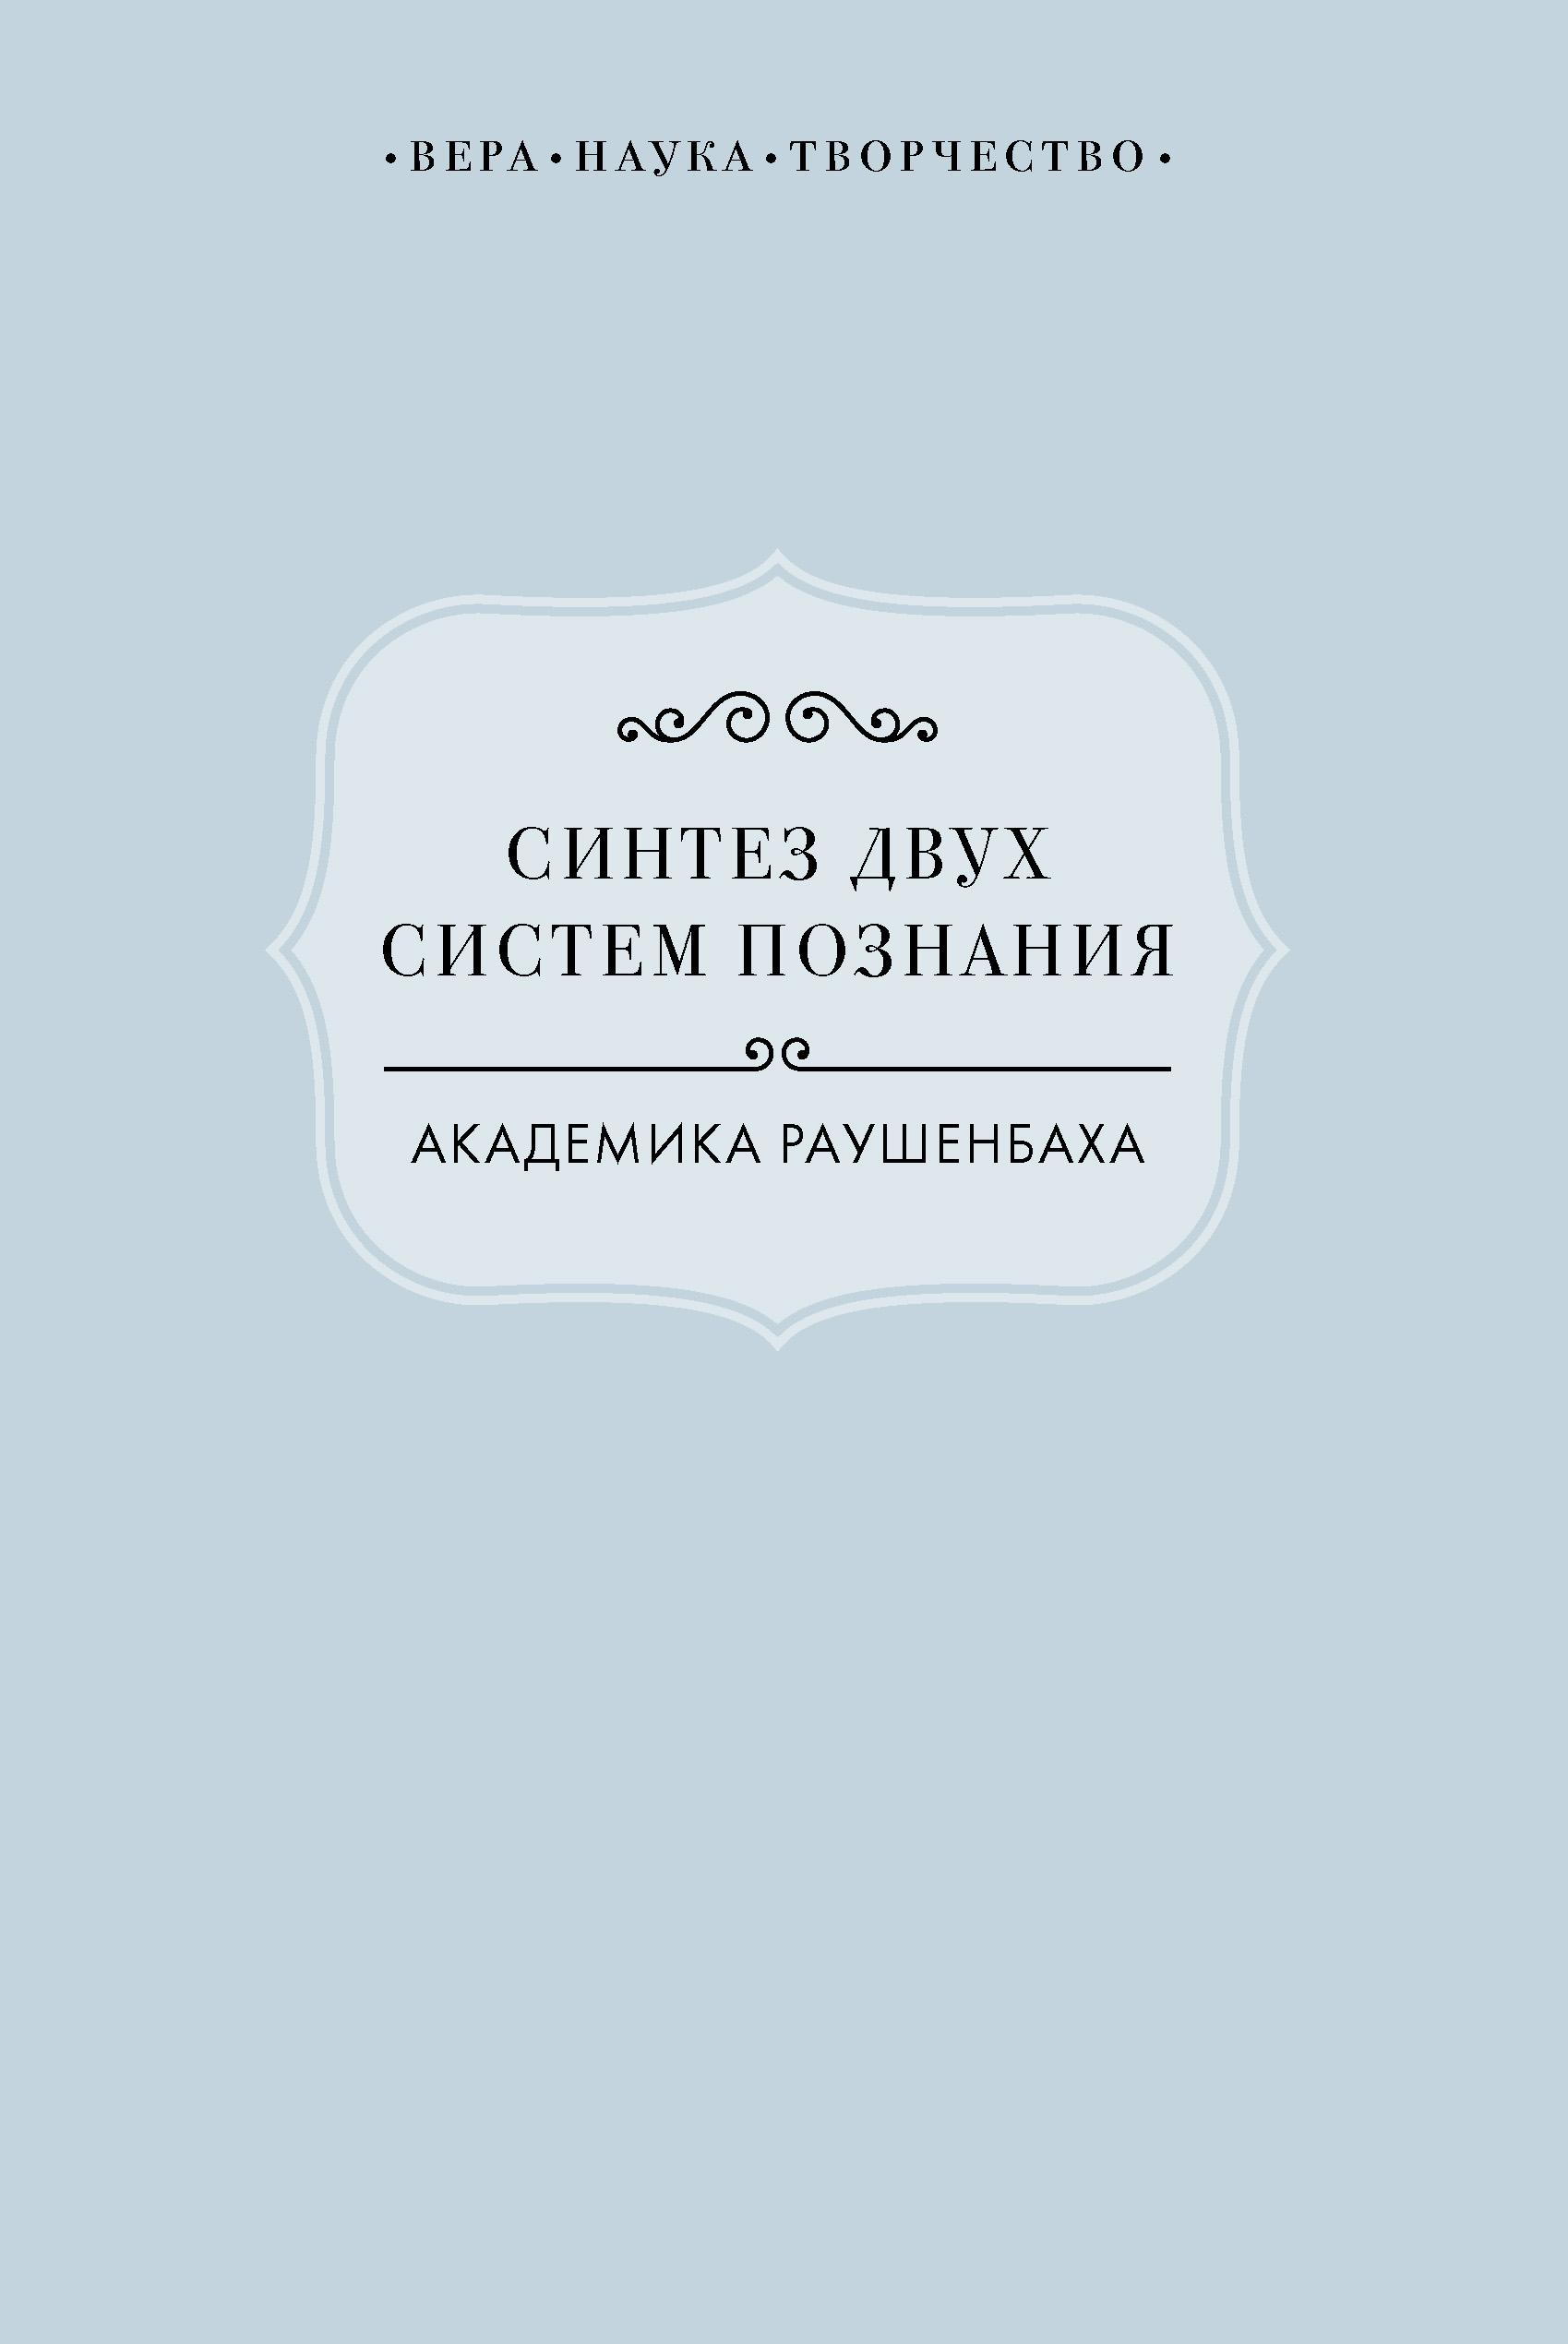 Виктория Радишевская «Синтез двух систем познания академика Раушенбаха»